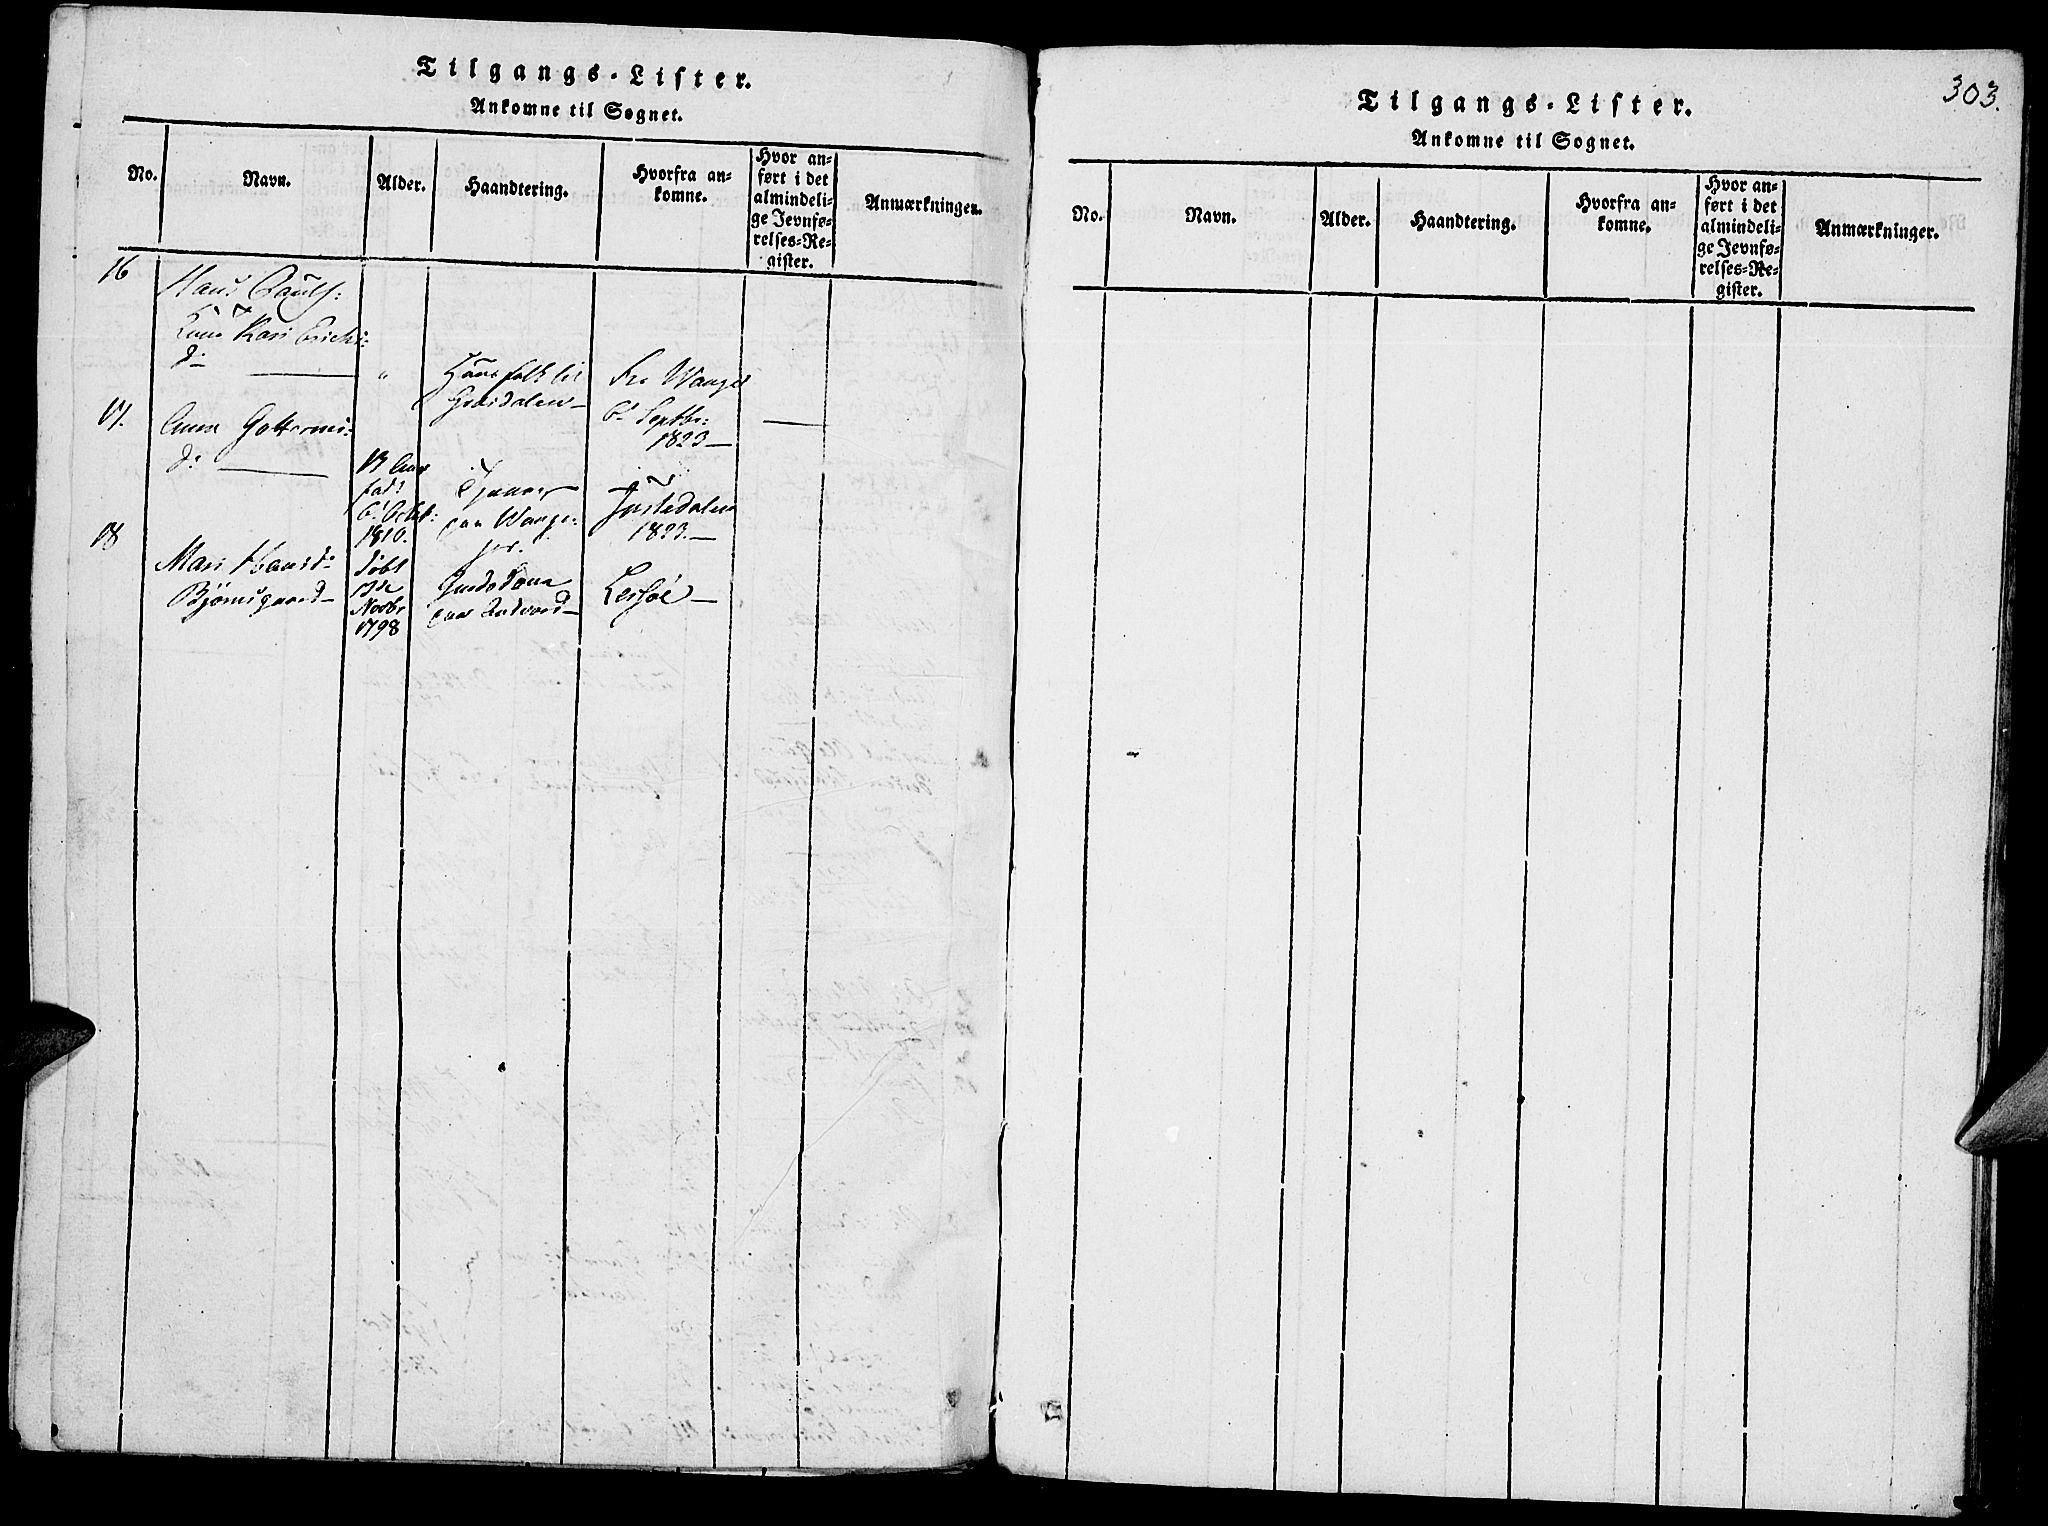 SAH, Lom prestekontor, K/L0004: Ministerialbok nr. 4, 1815-1825, s. 303